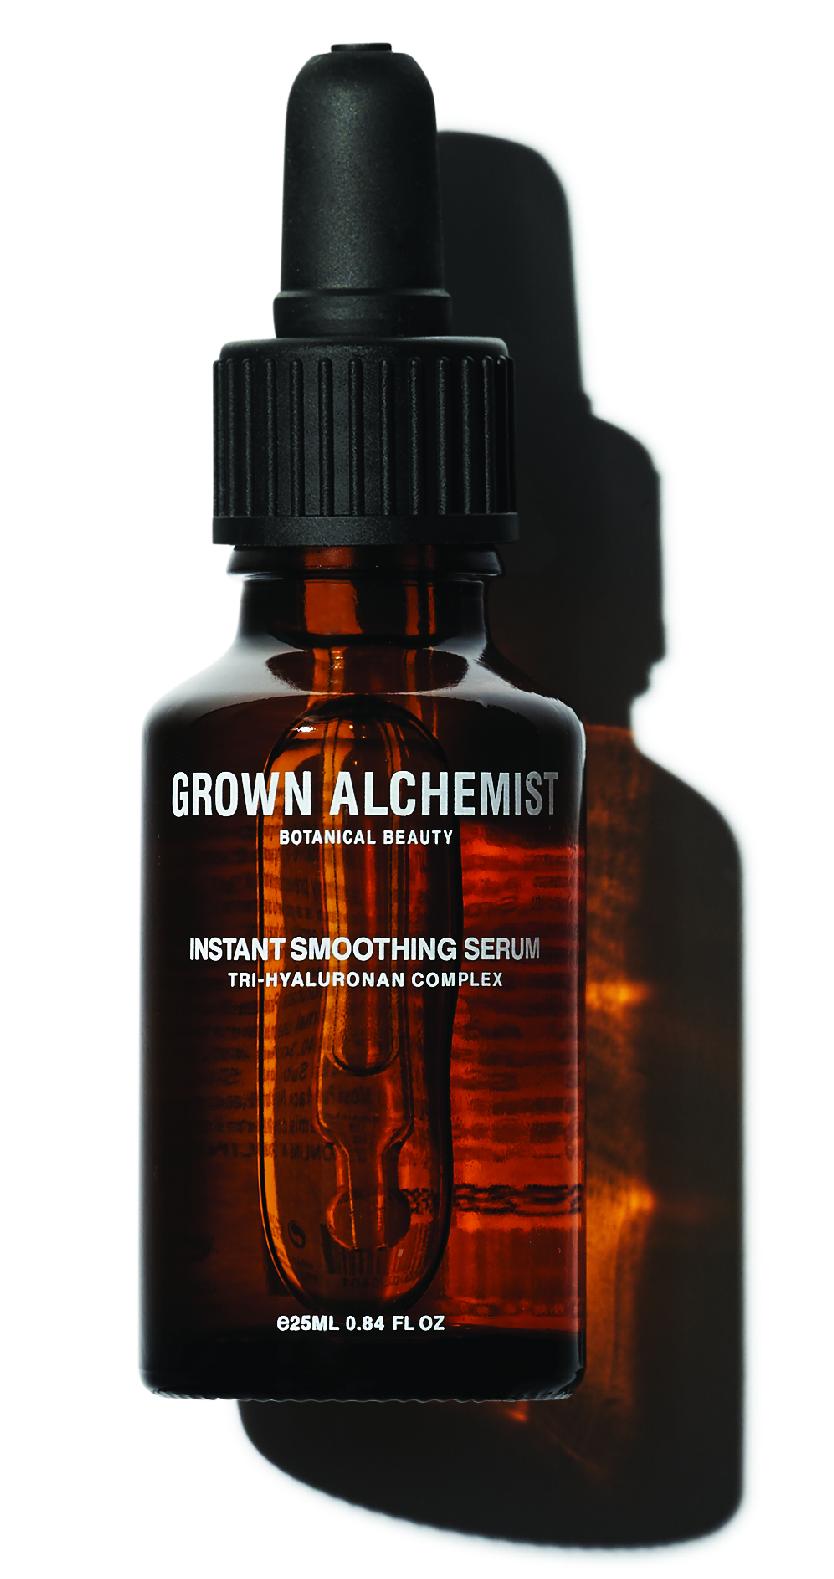 Grown Alchemist – Instant Smoothing Serum